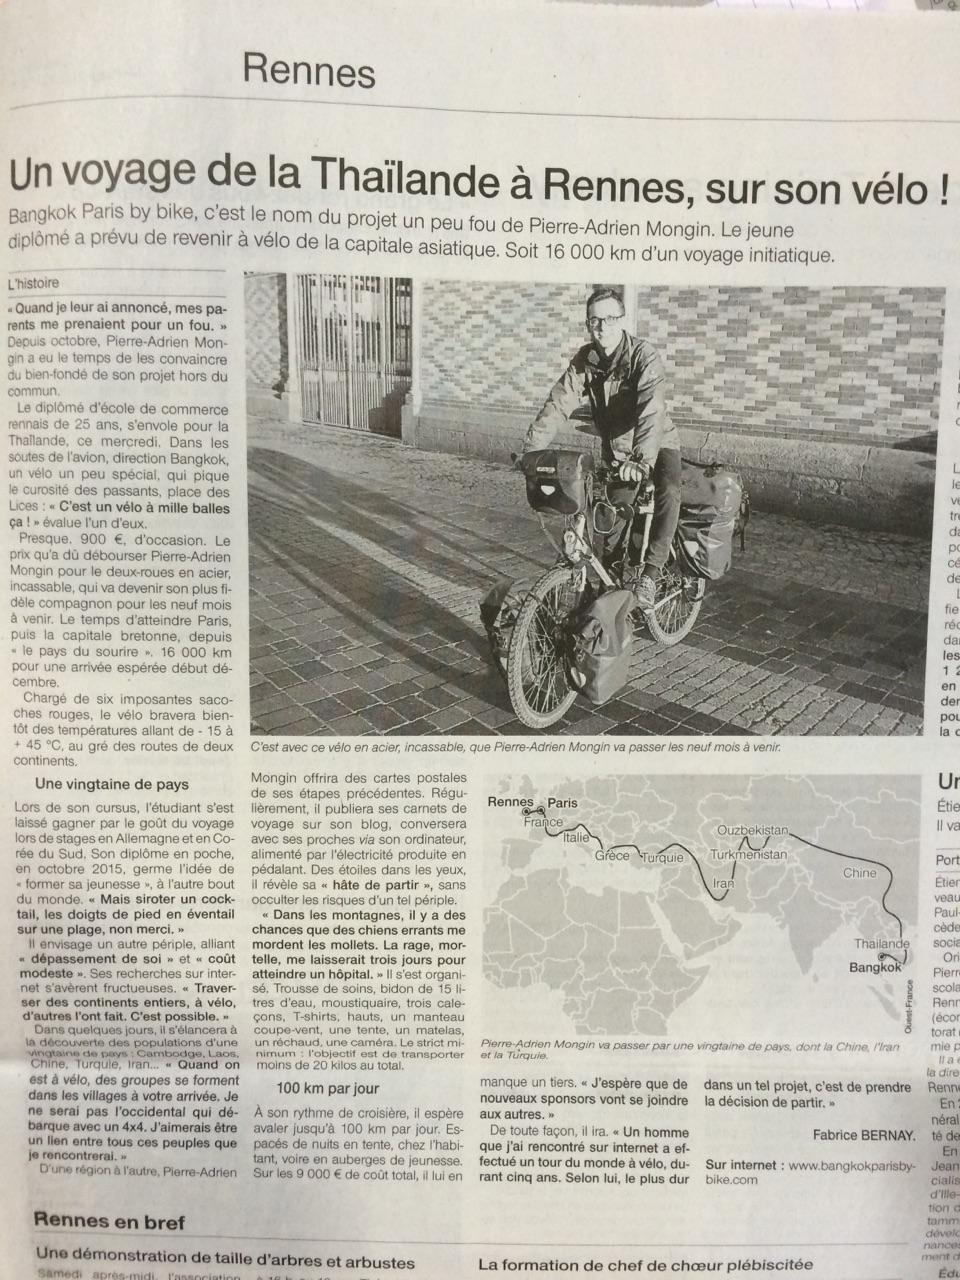 Bangkok Rennes à vélo dans Ouest France